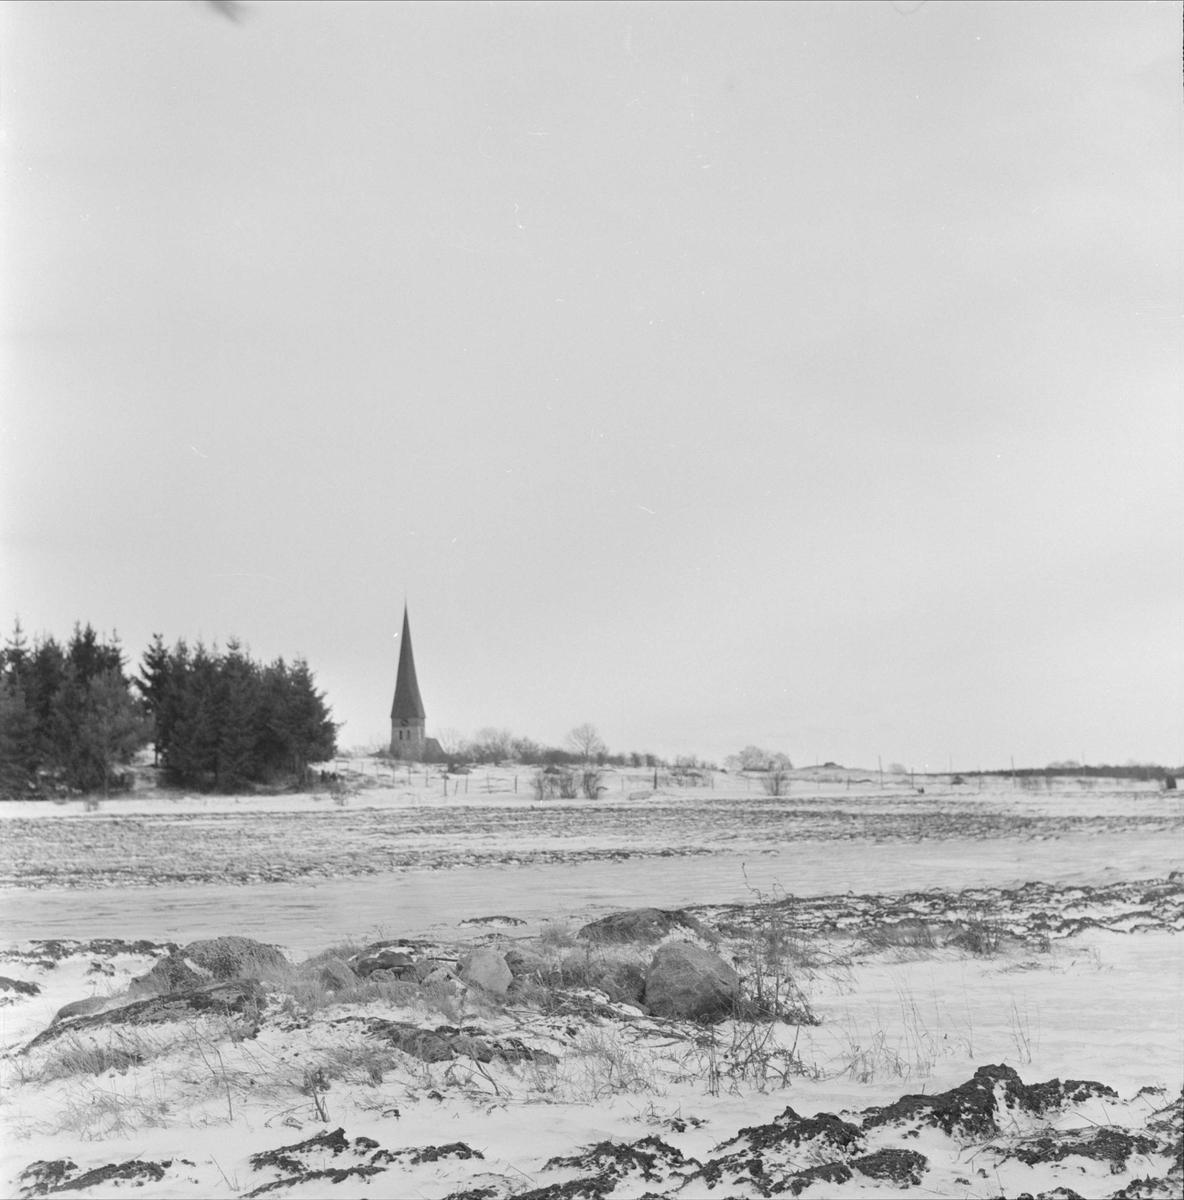 """""""Waksala vandring första gången"""" - vy över Vaksala kyrka, Uppsala 1965"""